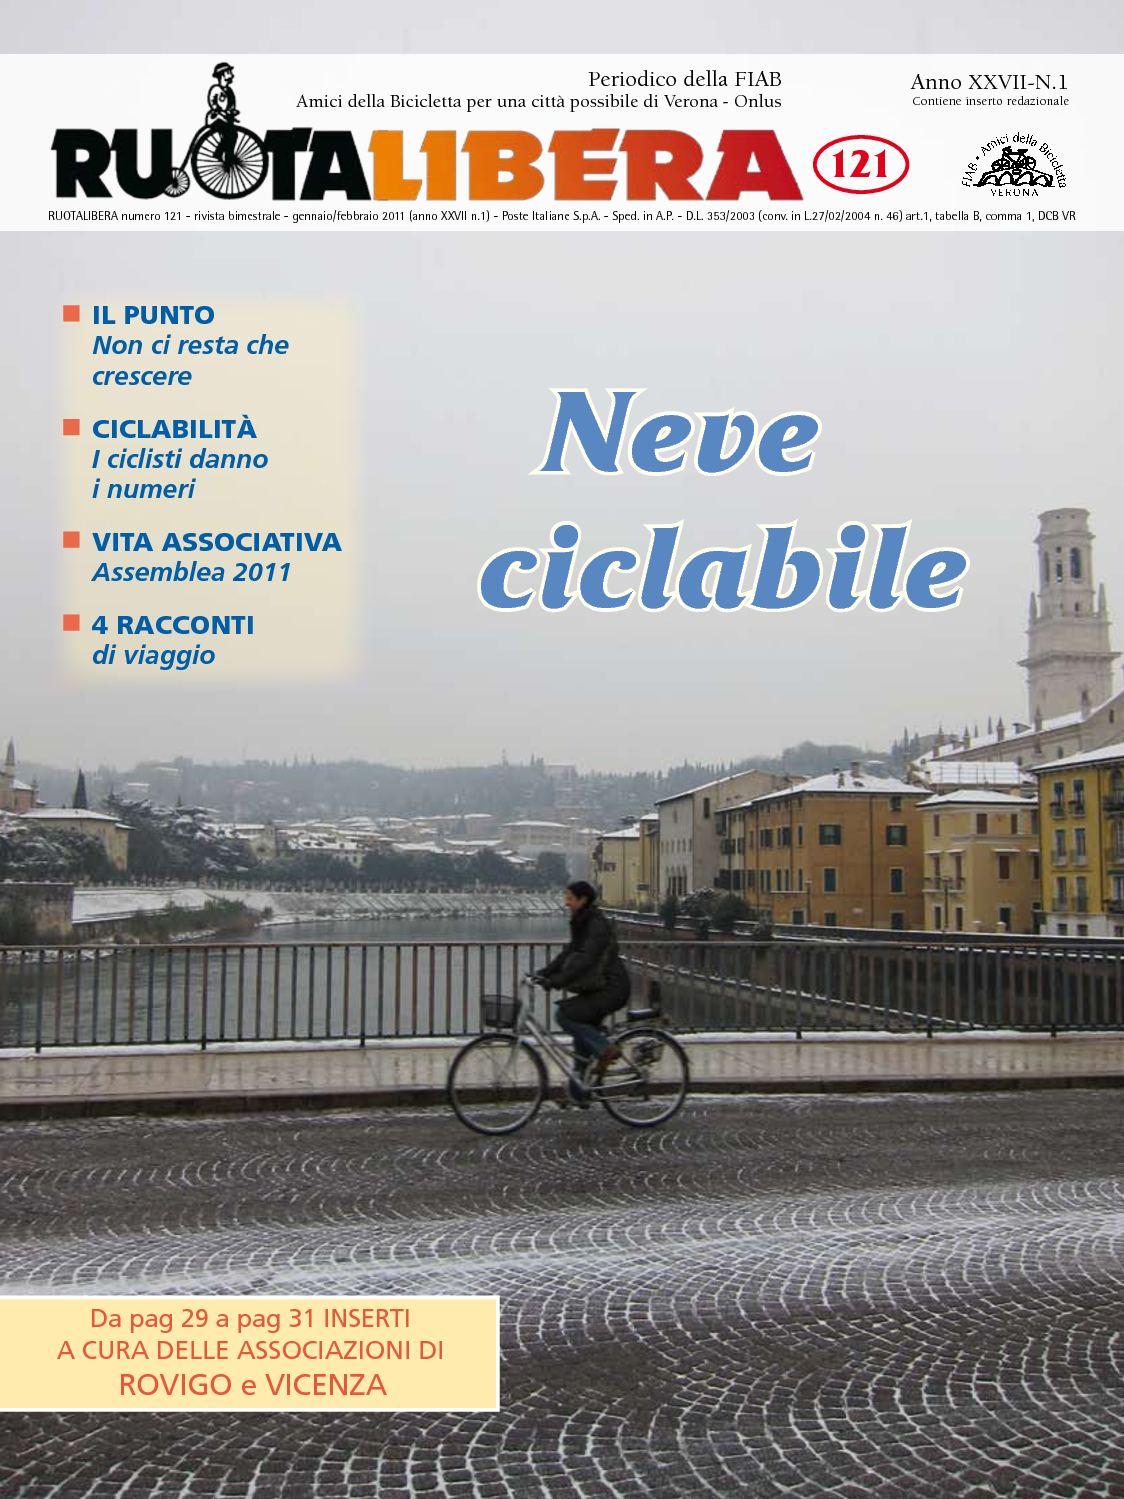 Ruotalibera 121 (gennaio/febbraio 2011) - FIAB AdB Verona